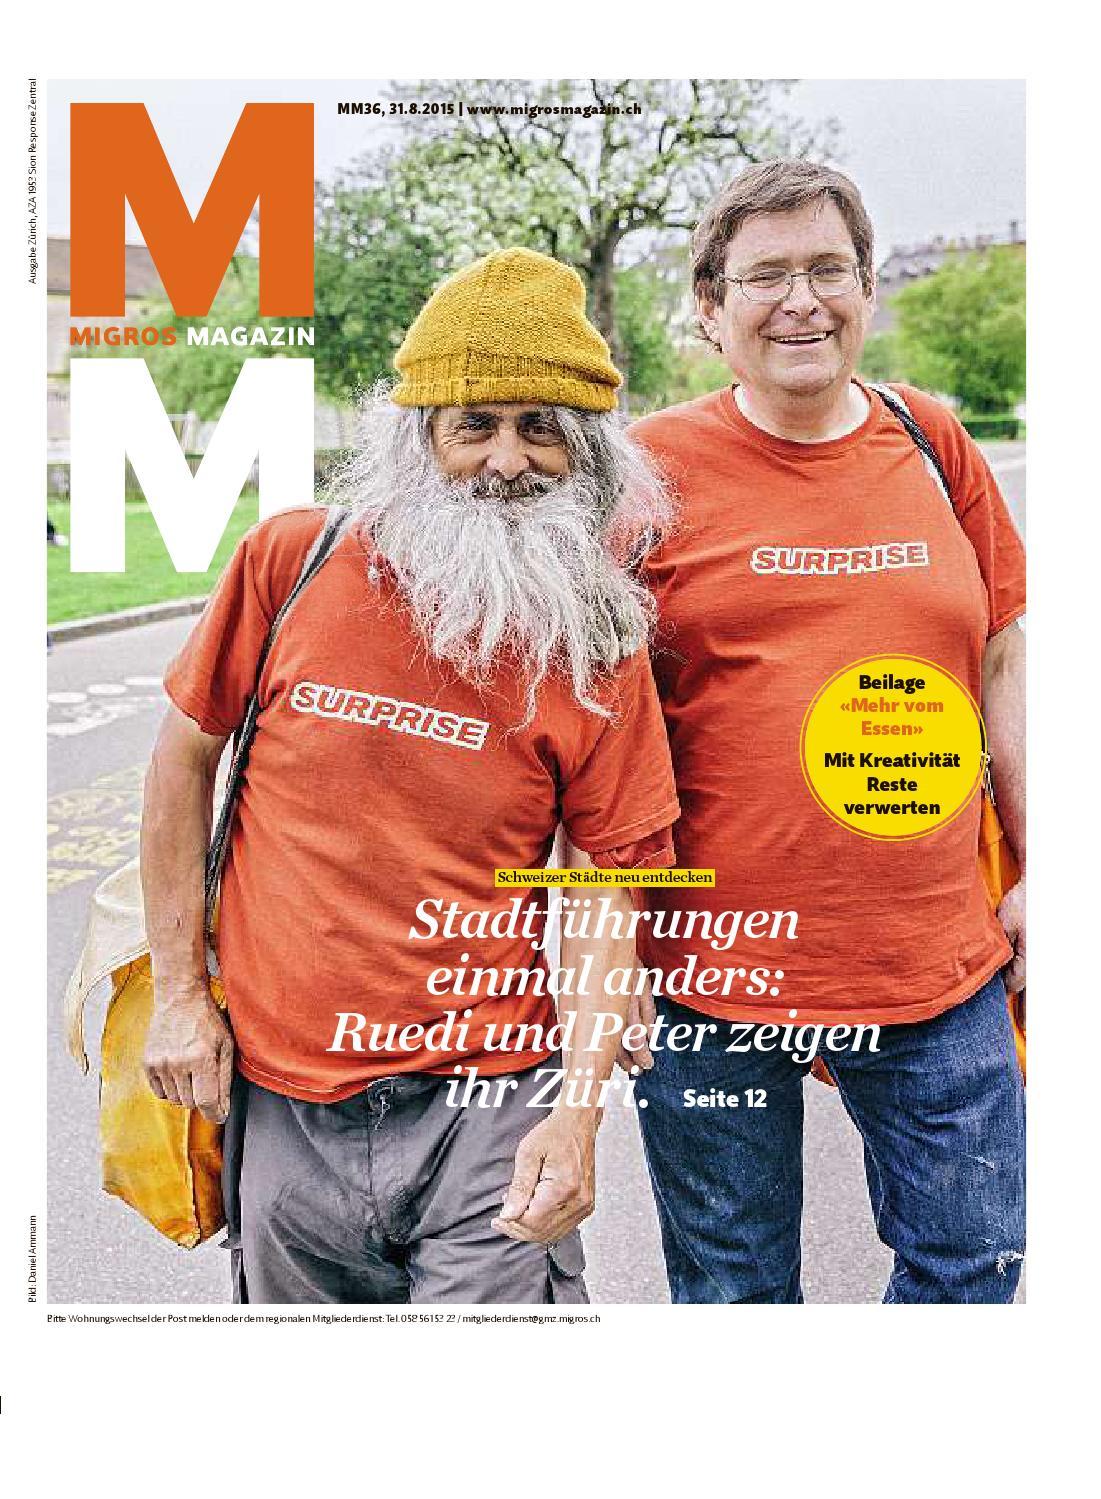 migros magazin 36 2015 d zh by migros genossenschafts bund issuu  Neue Ammann 22 Dblau Schlafanzge Herren Verkauf P 1082 #1